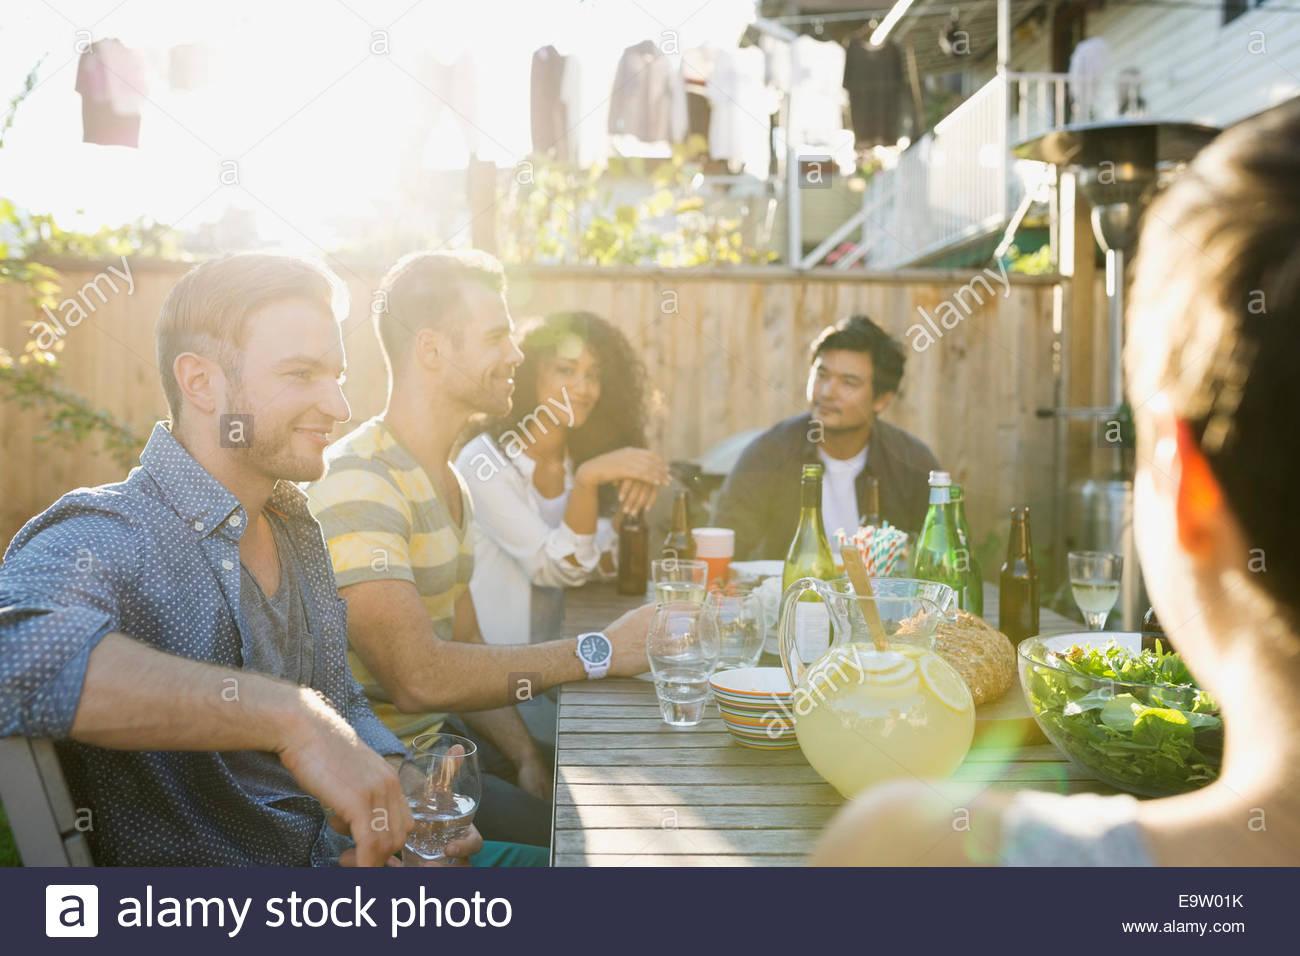 Gli amici di mangiare e bere a backyard barbecue Immagini Stock